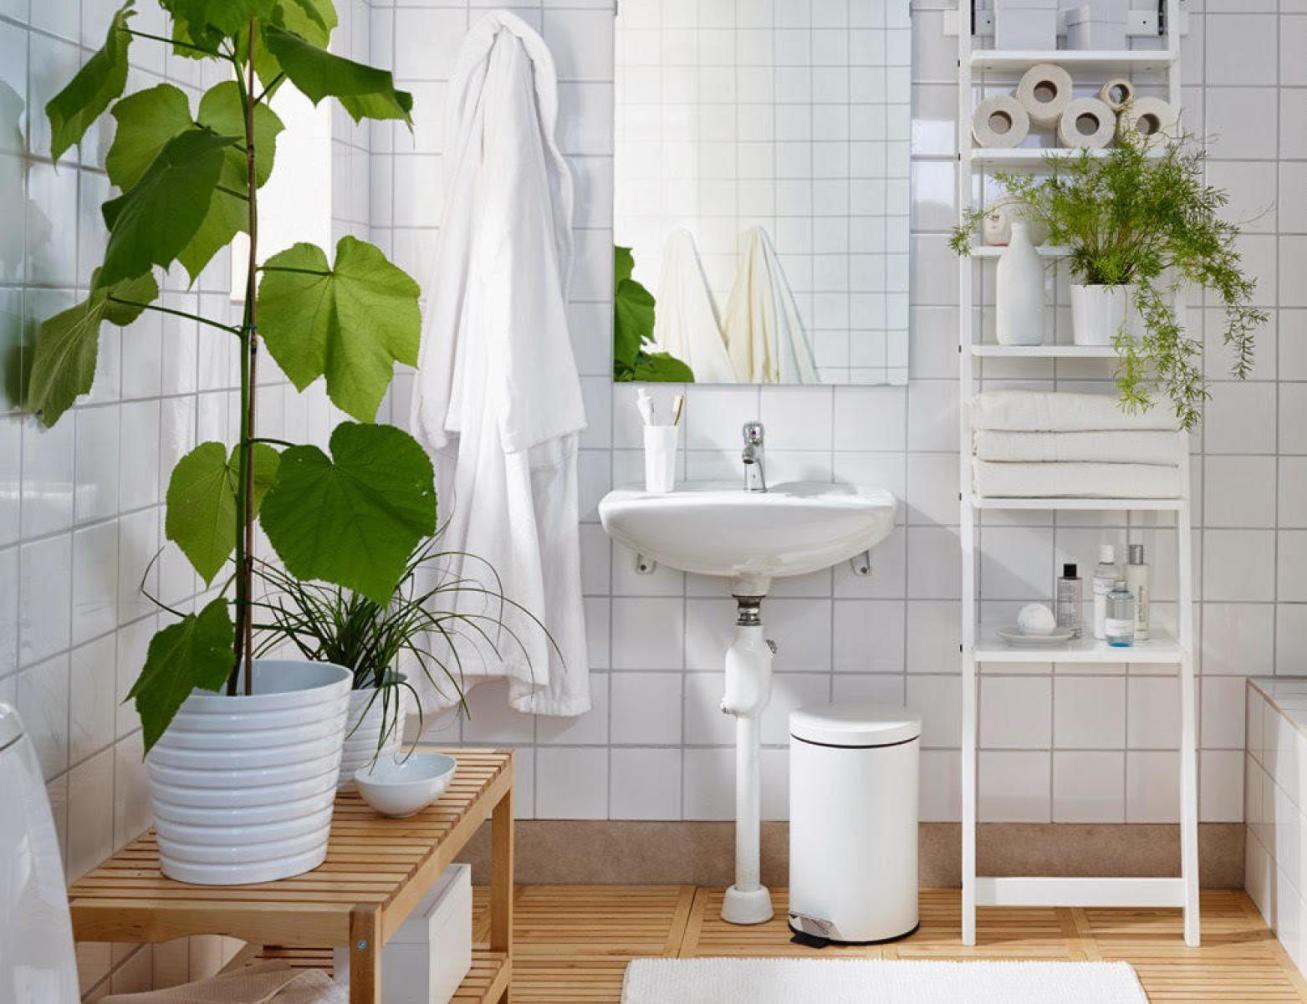 muebles de baño con plantas